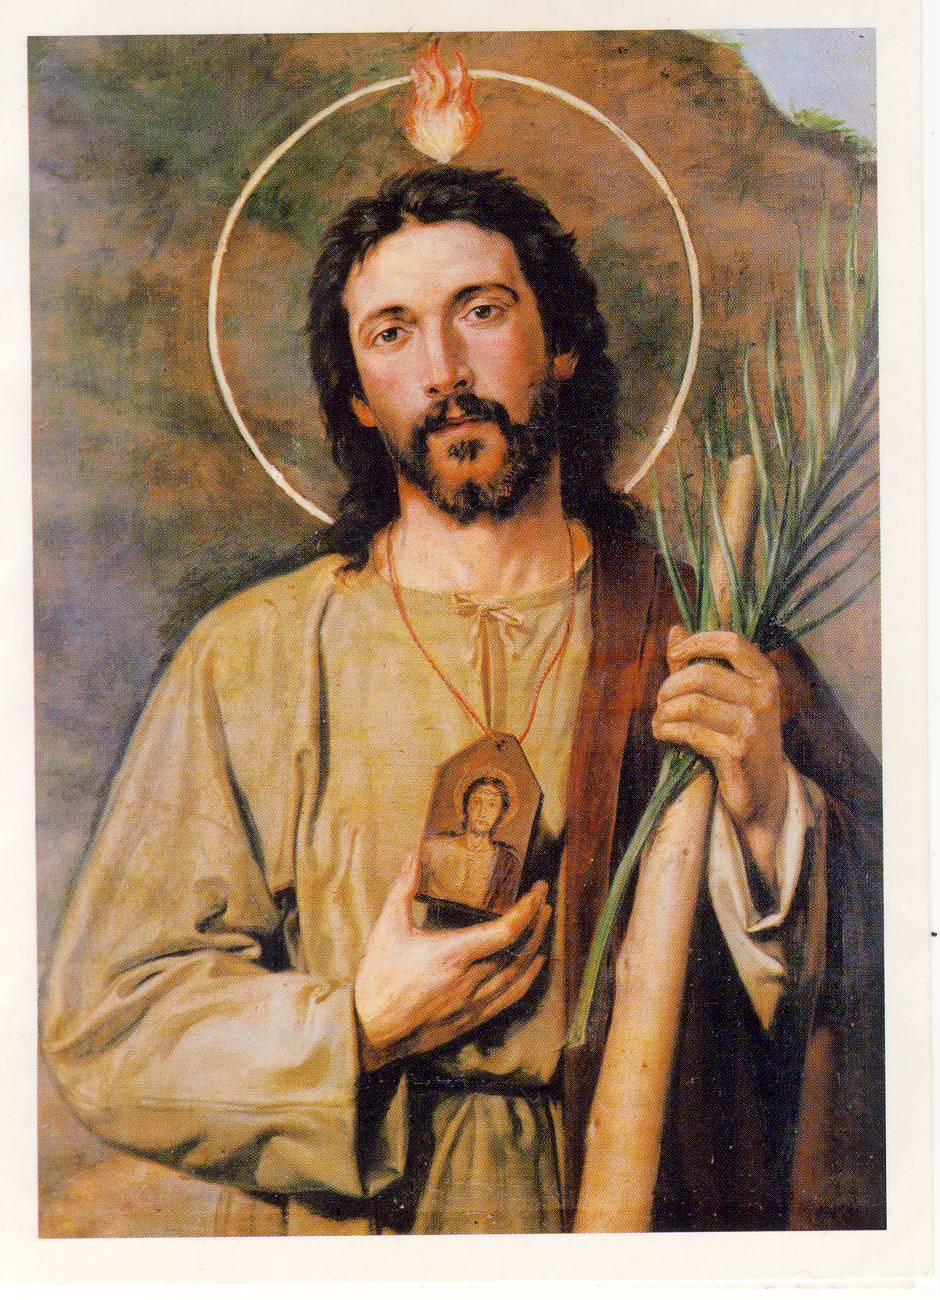 Immagine di San Giuda Taddeo nella Chiesa di San Salvatore in lauro, Roma